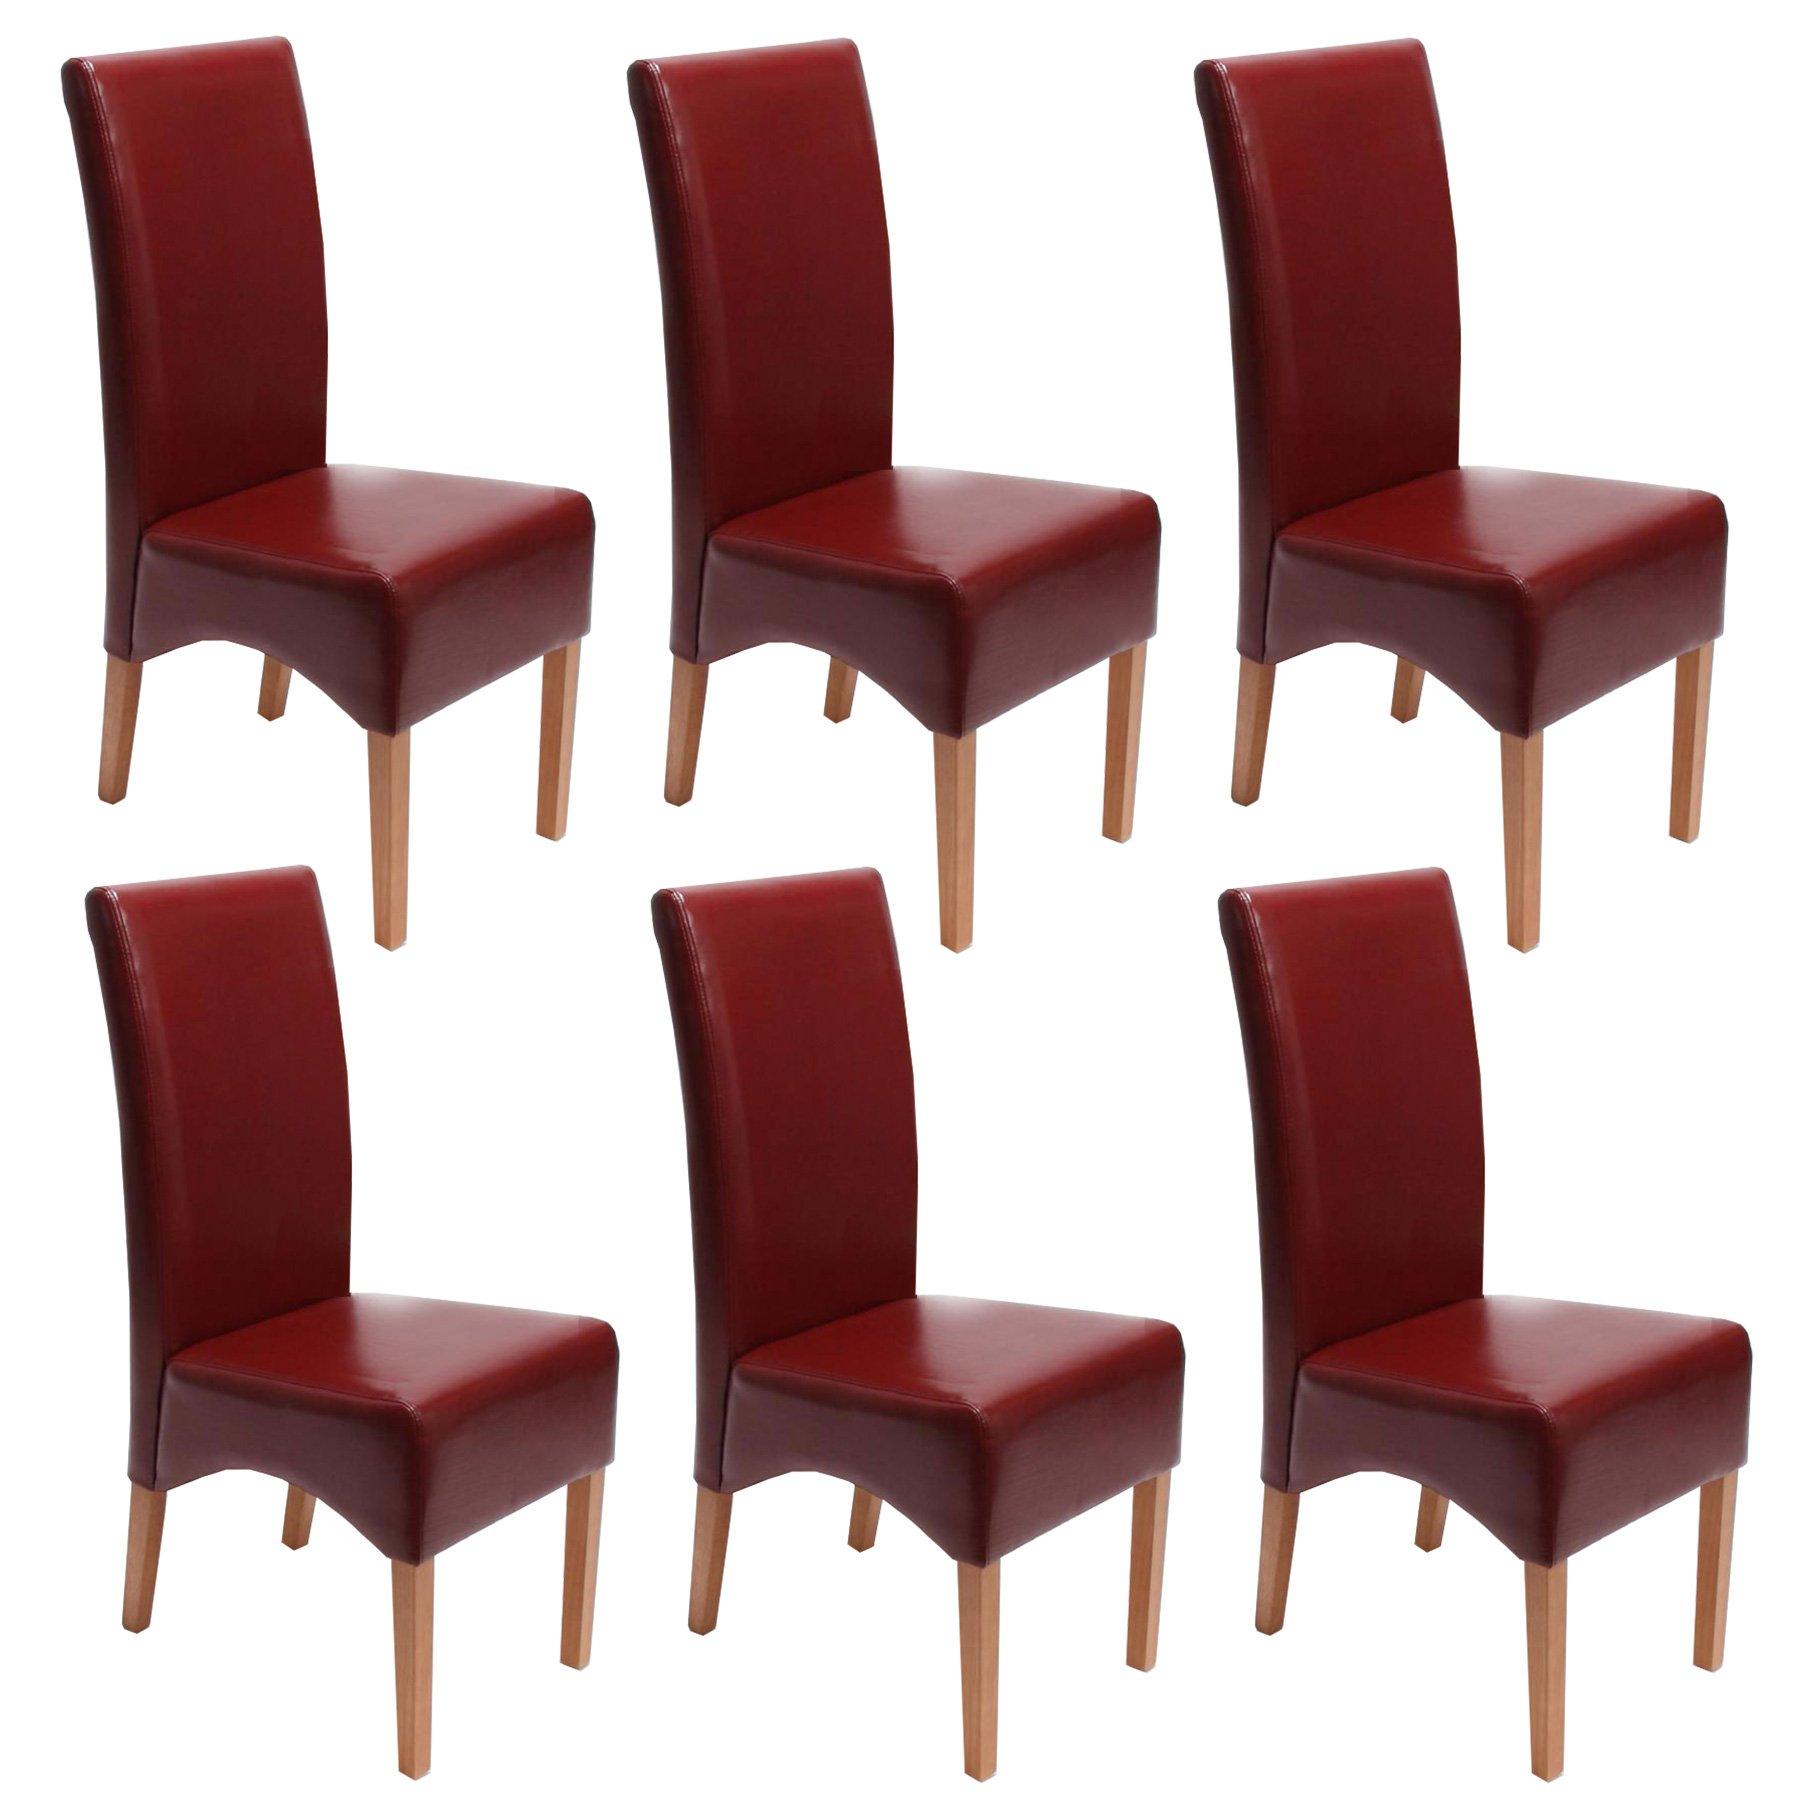 Lote 6 sillas de comedor latina en piel genuina rojo y for Sillas en piel para comedor